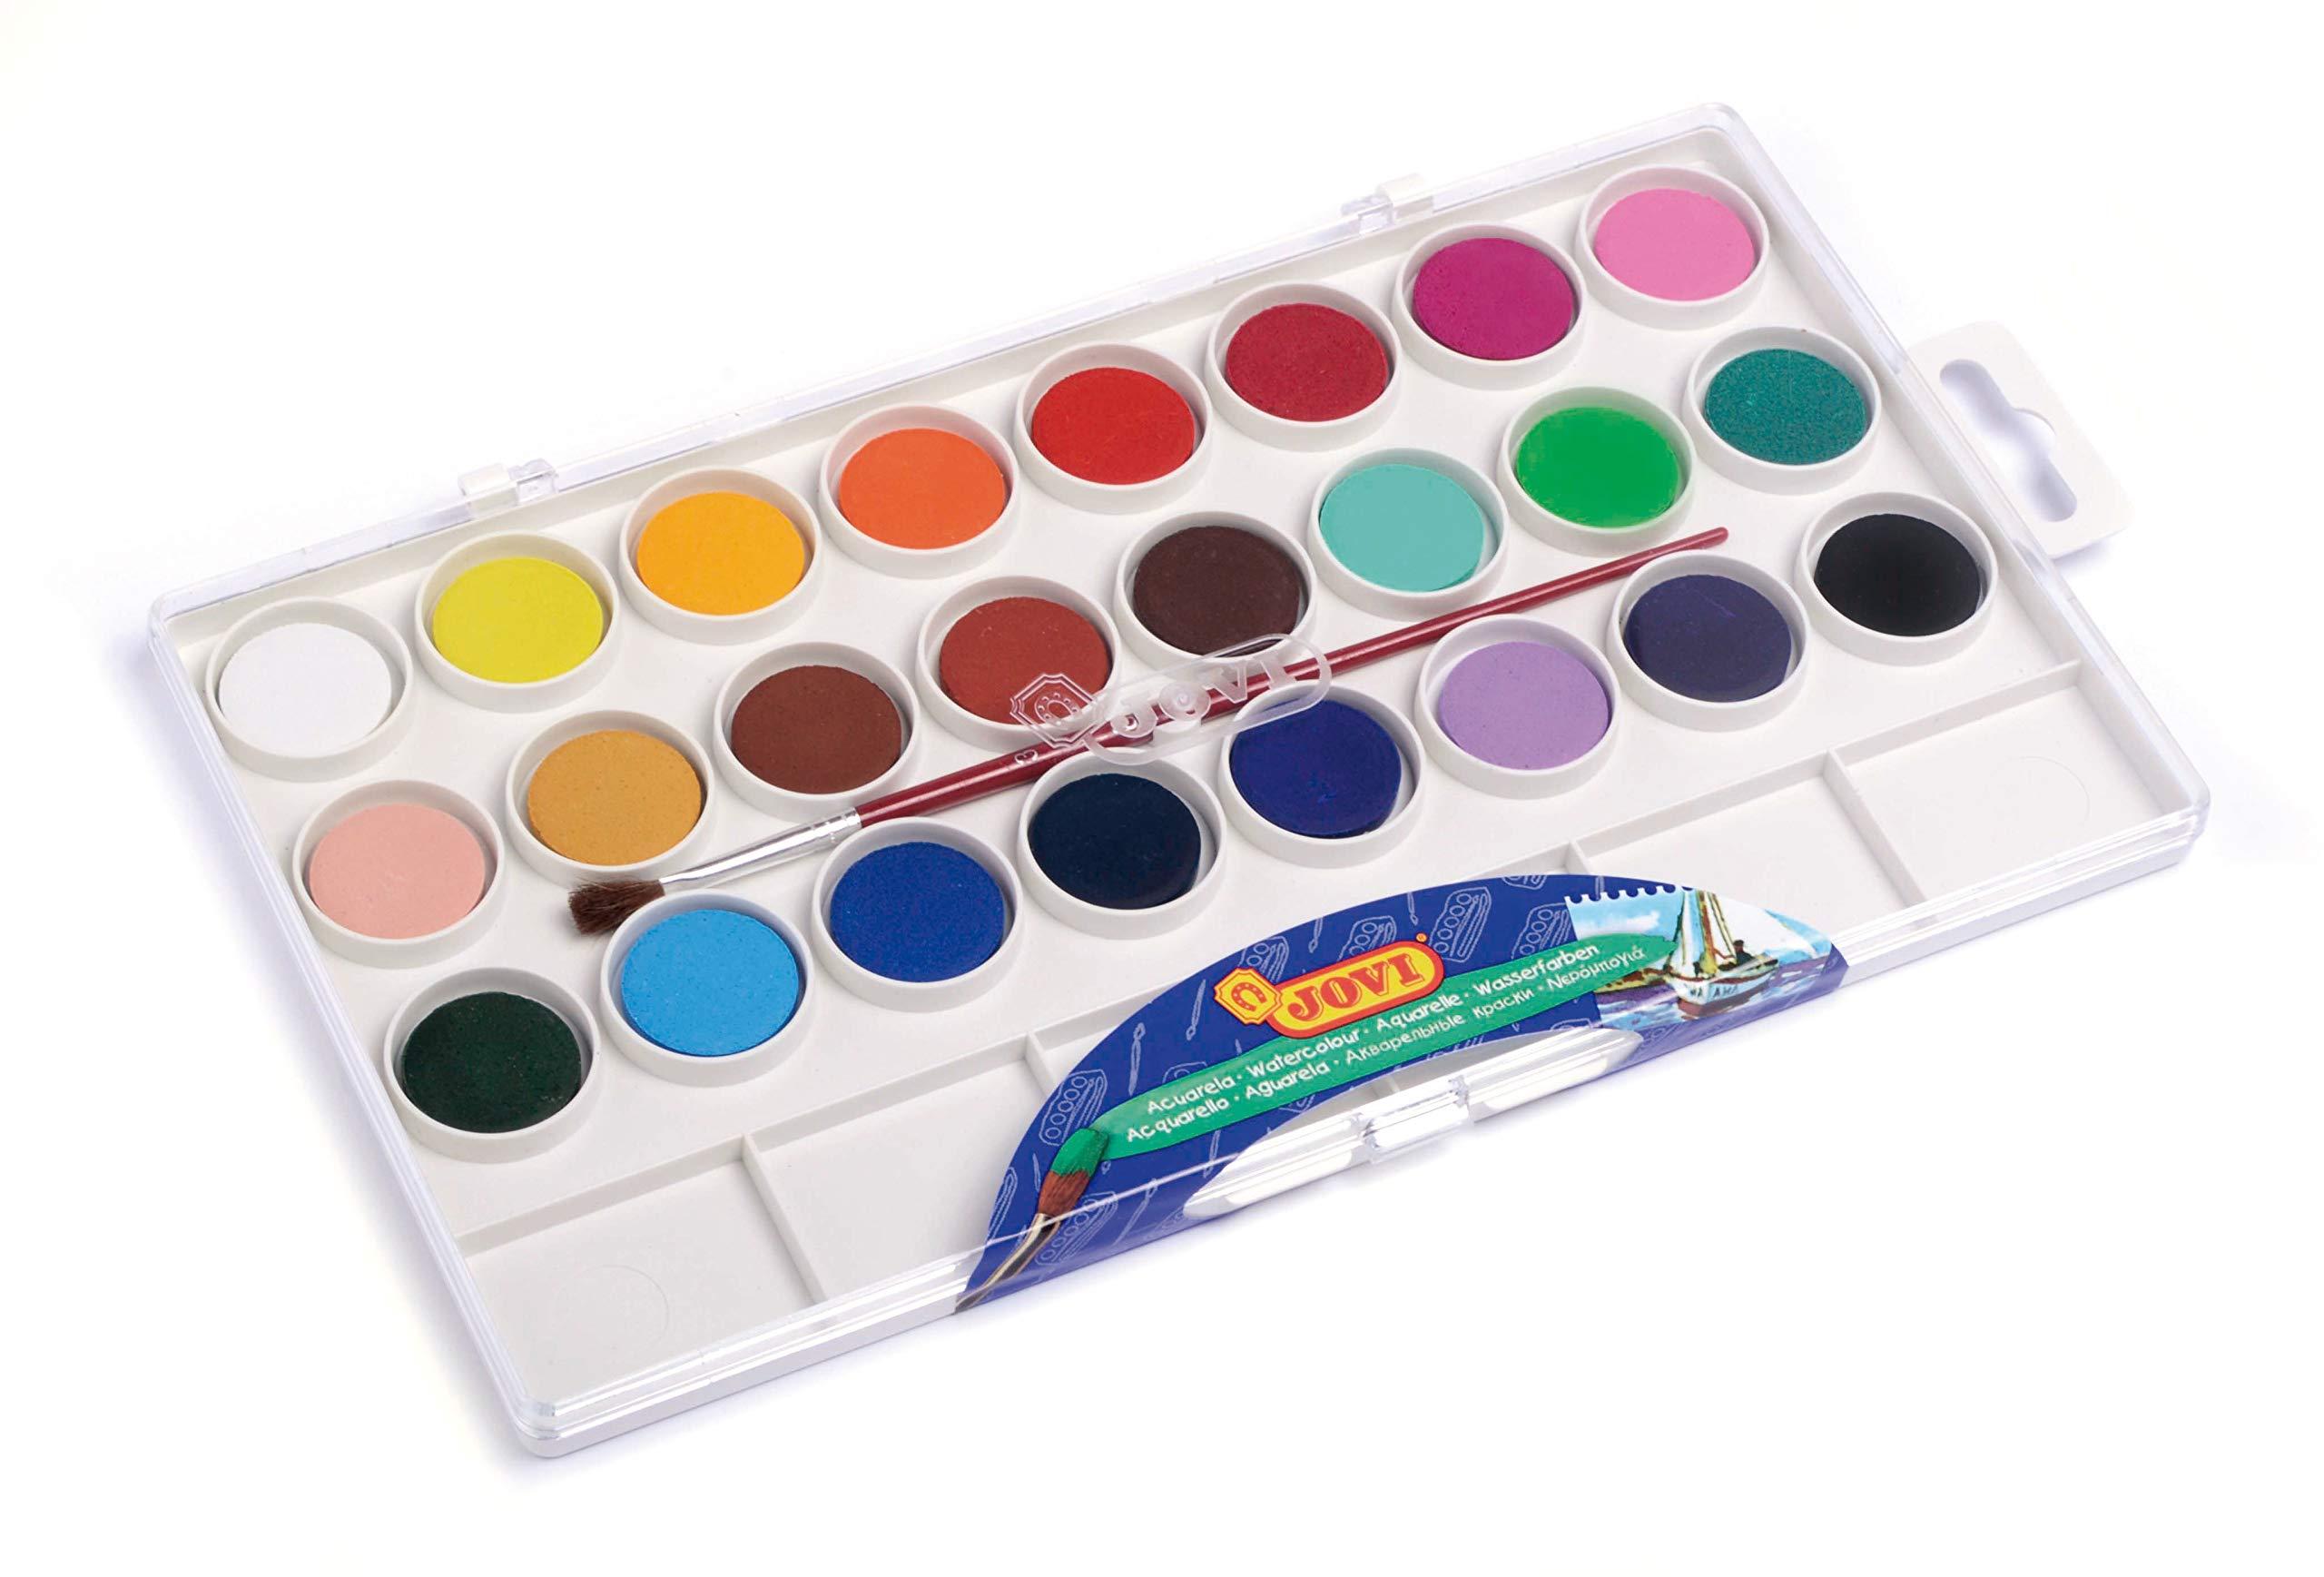 Jovi-725001 Estuche Acuarelas, Multicolor (800 24): Amazon.es: Juguetes y juegos